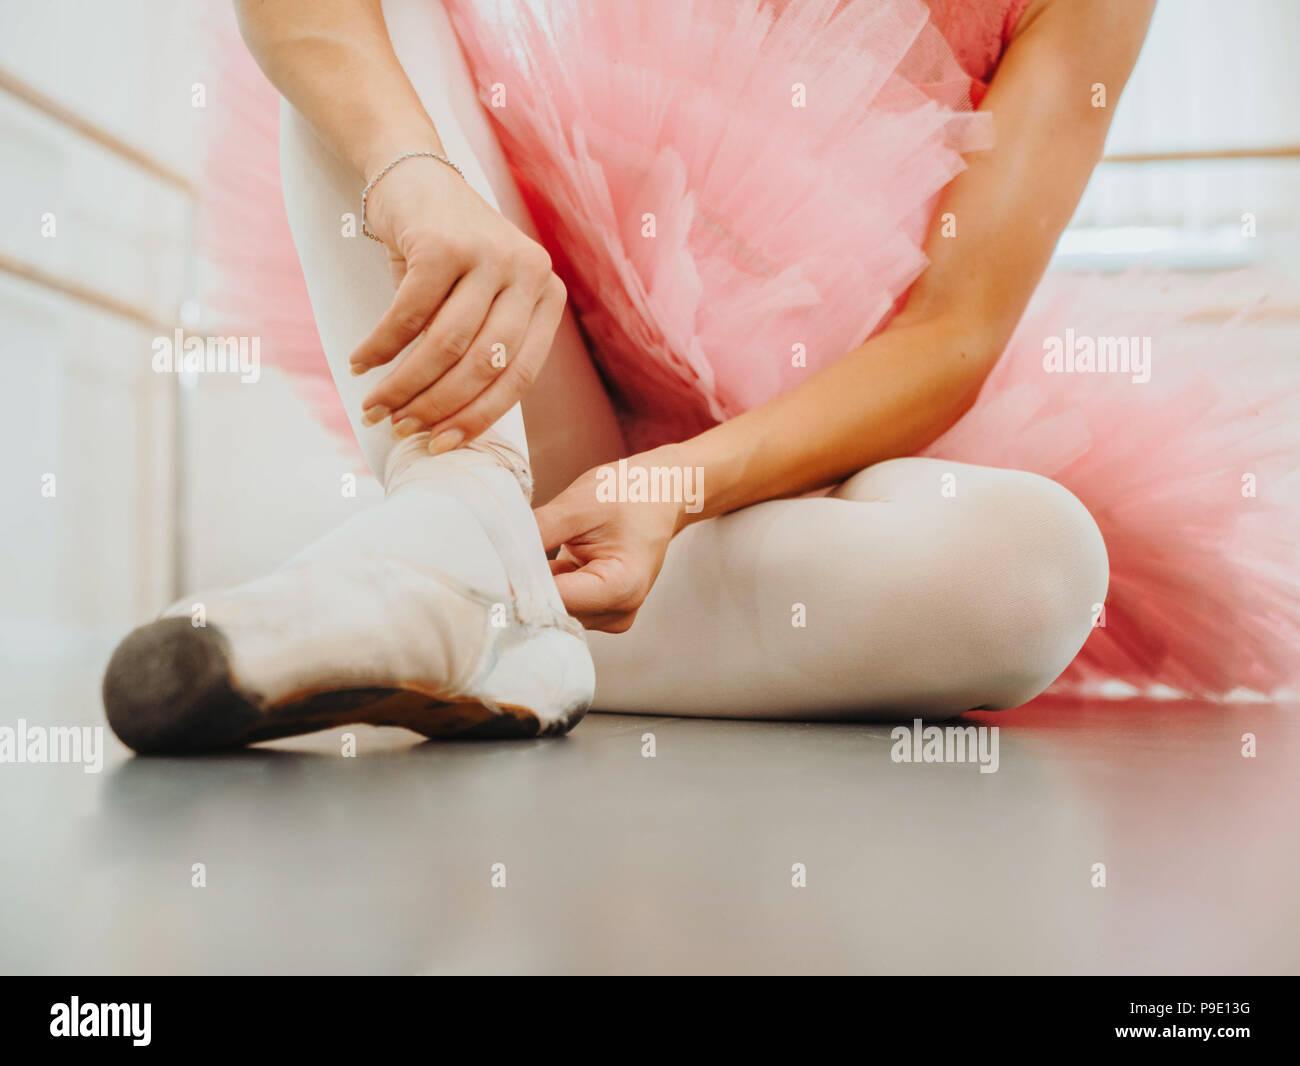 Giovane ballerina in tutù rosa avvolge il costume di nastri di seta bianca di soft top scarpe da ballo pointe e li collega. La donna la preparazione per la danza lezioni di training in palestra. Immagini Stock